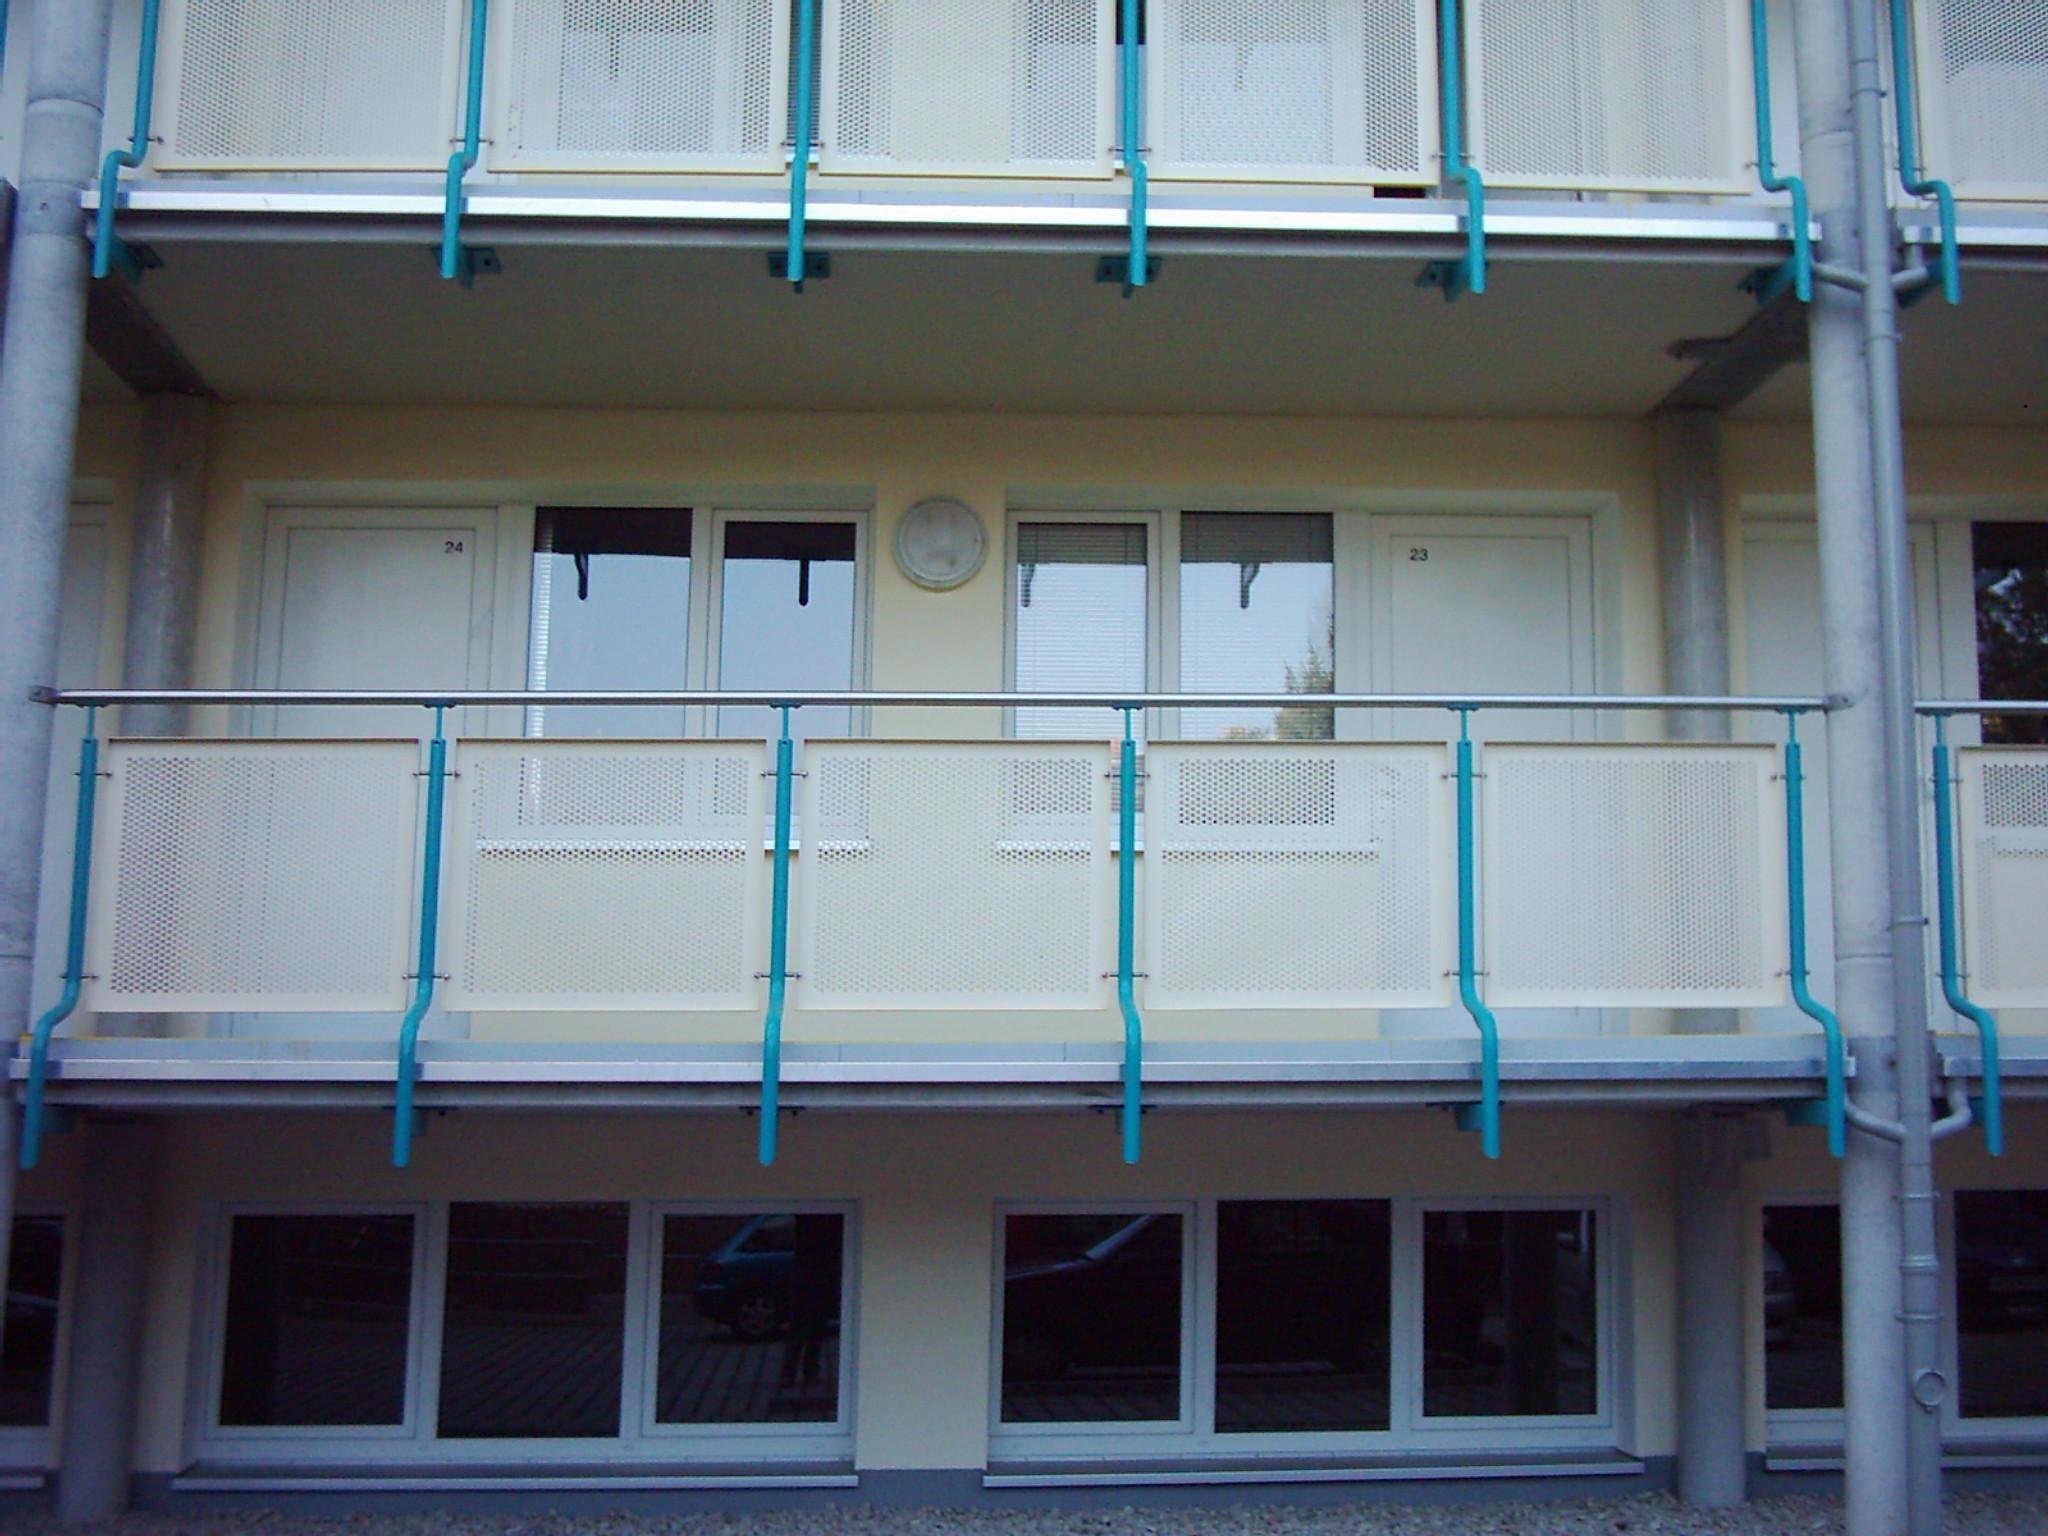 Balkonanlage eines Hochhauses